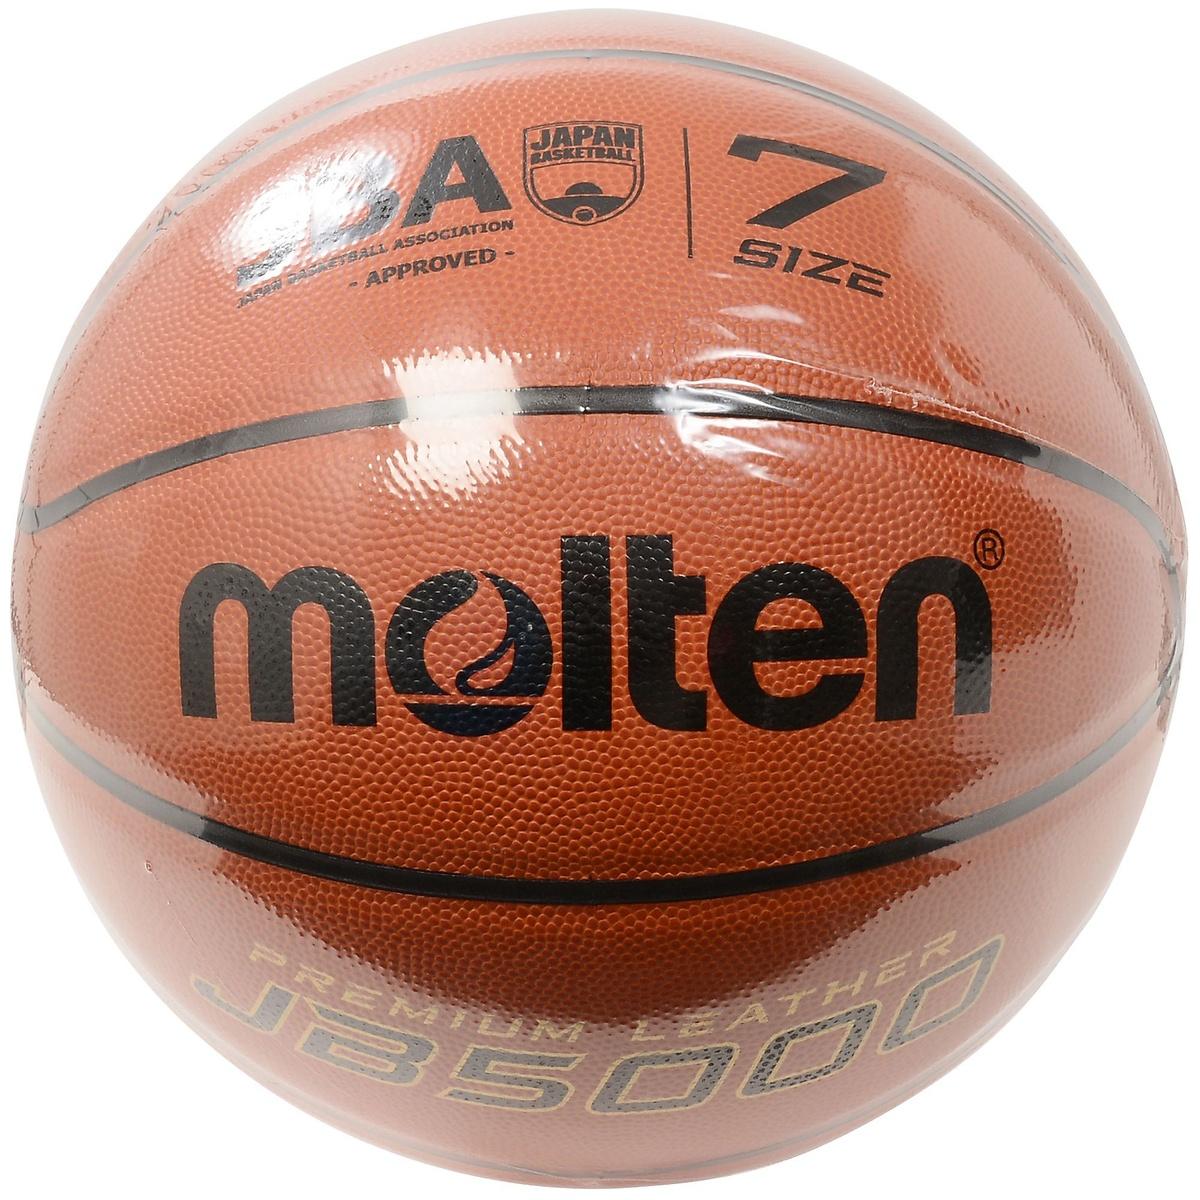 【限定価格セール!】 【送料無料】 molten (モルテン) バスケットボール バスケットボール 7号ボール【送料無料】 天皮バスケット検定球 B7C5000 7号 メンズ 7号球 オレンジ B7C5000, たまりば@小豆島:eb5e7bb9 --- lexloci.com.br